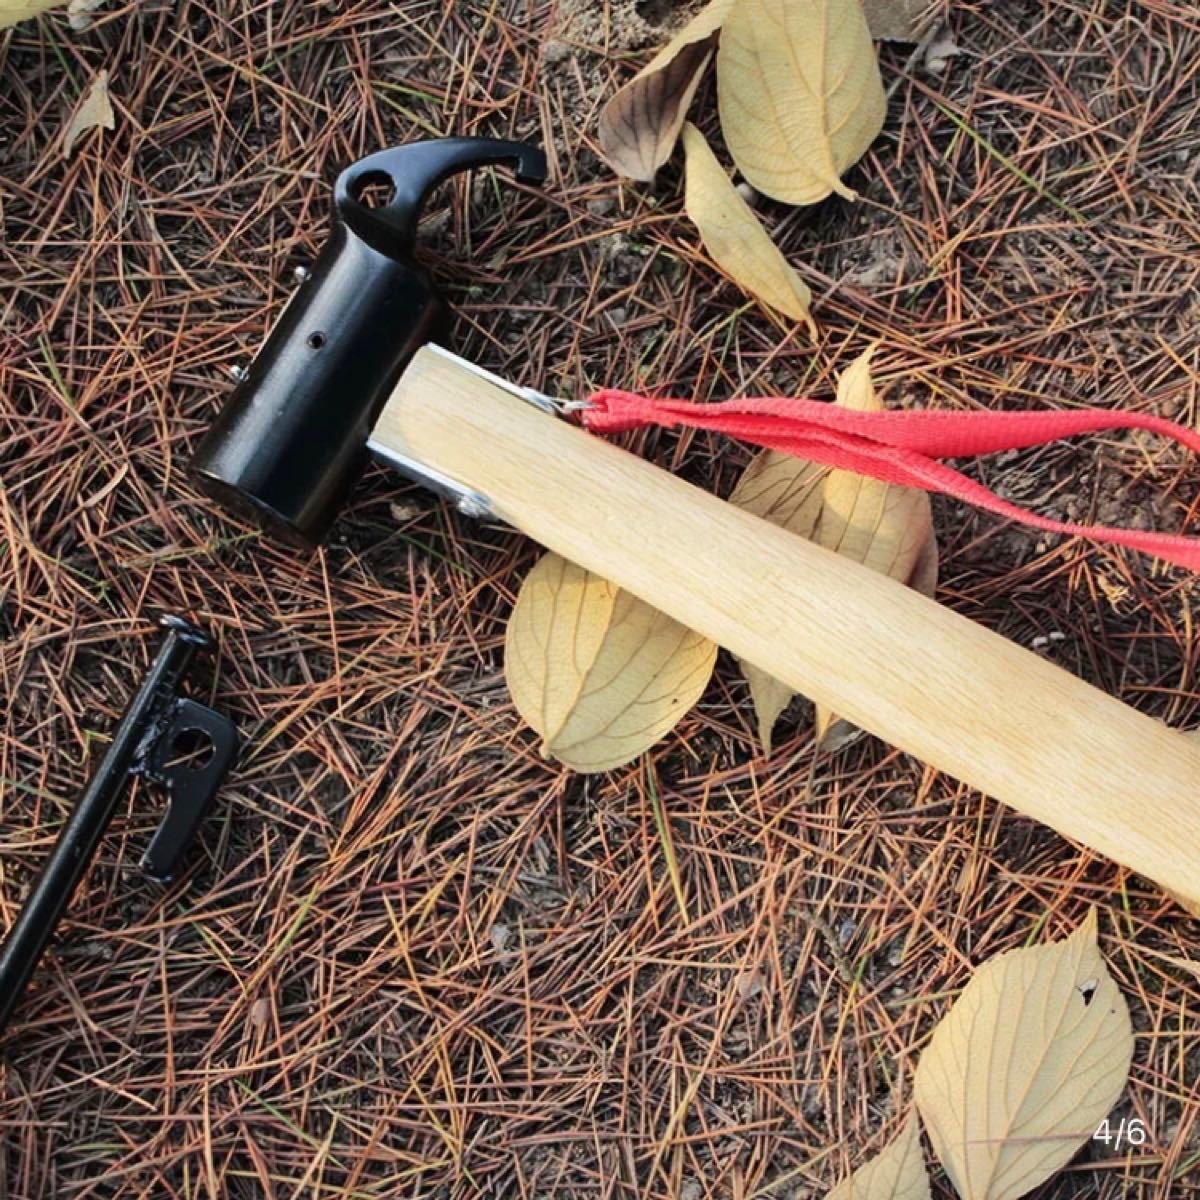 ペグハンマー 鋳鋼 真鍮 ペグ打ち込み 衝撃緩和 キャンプ用品 ハンマー アウトドア テント トンカチ 杭打ち キャンプグッズ